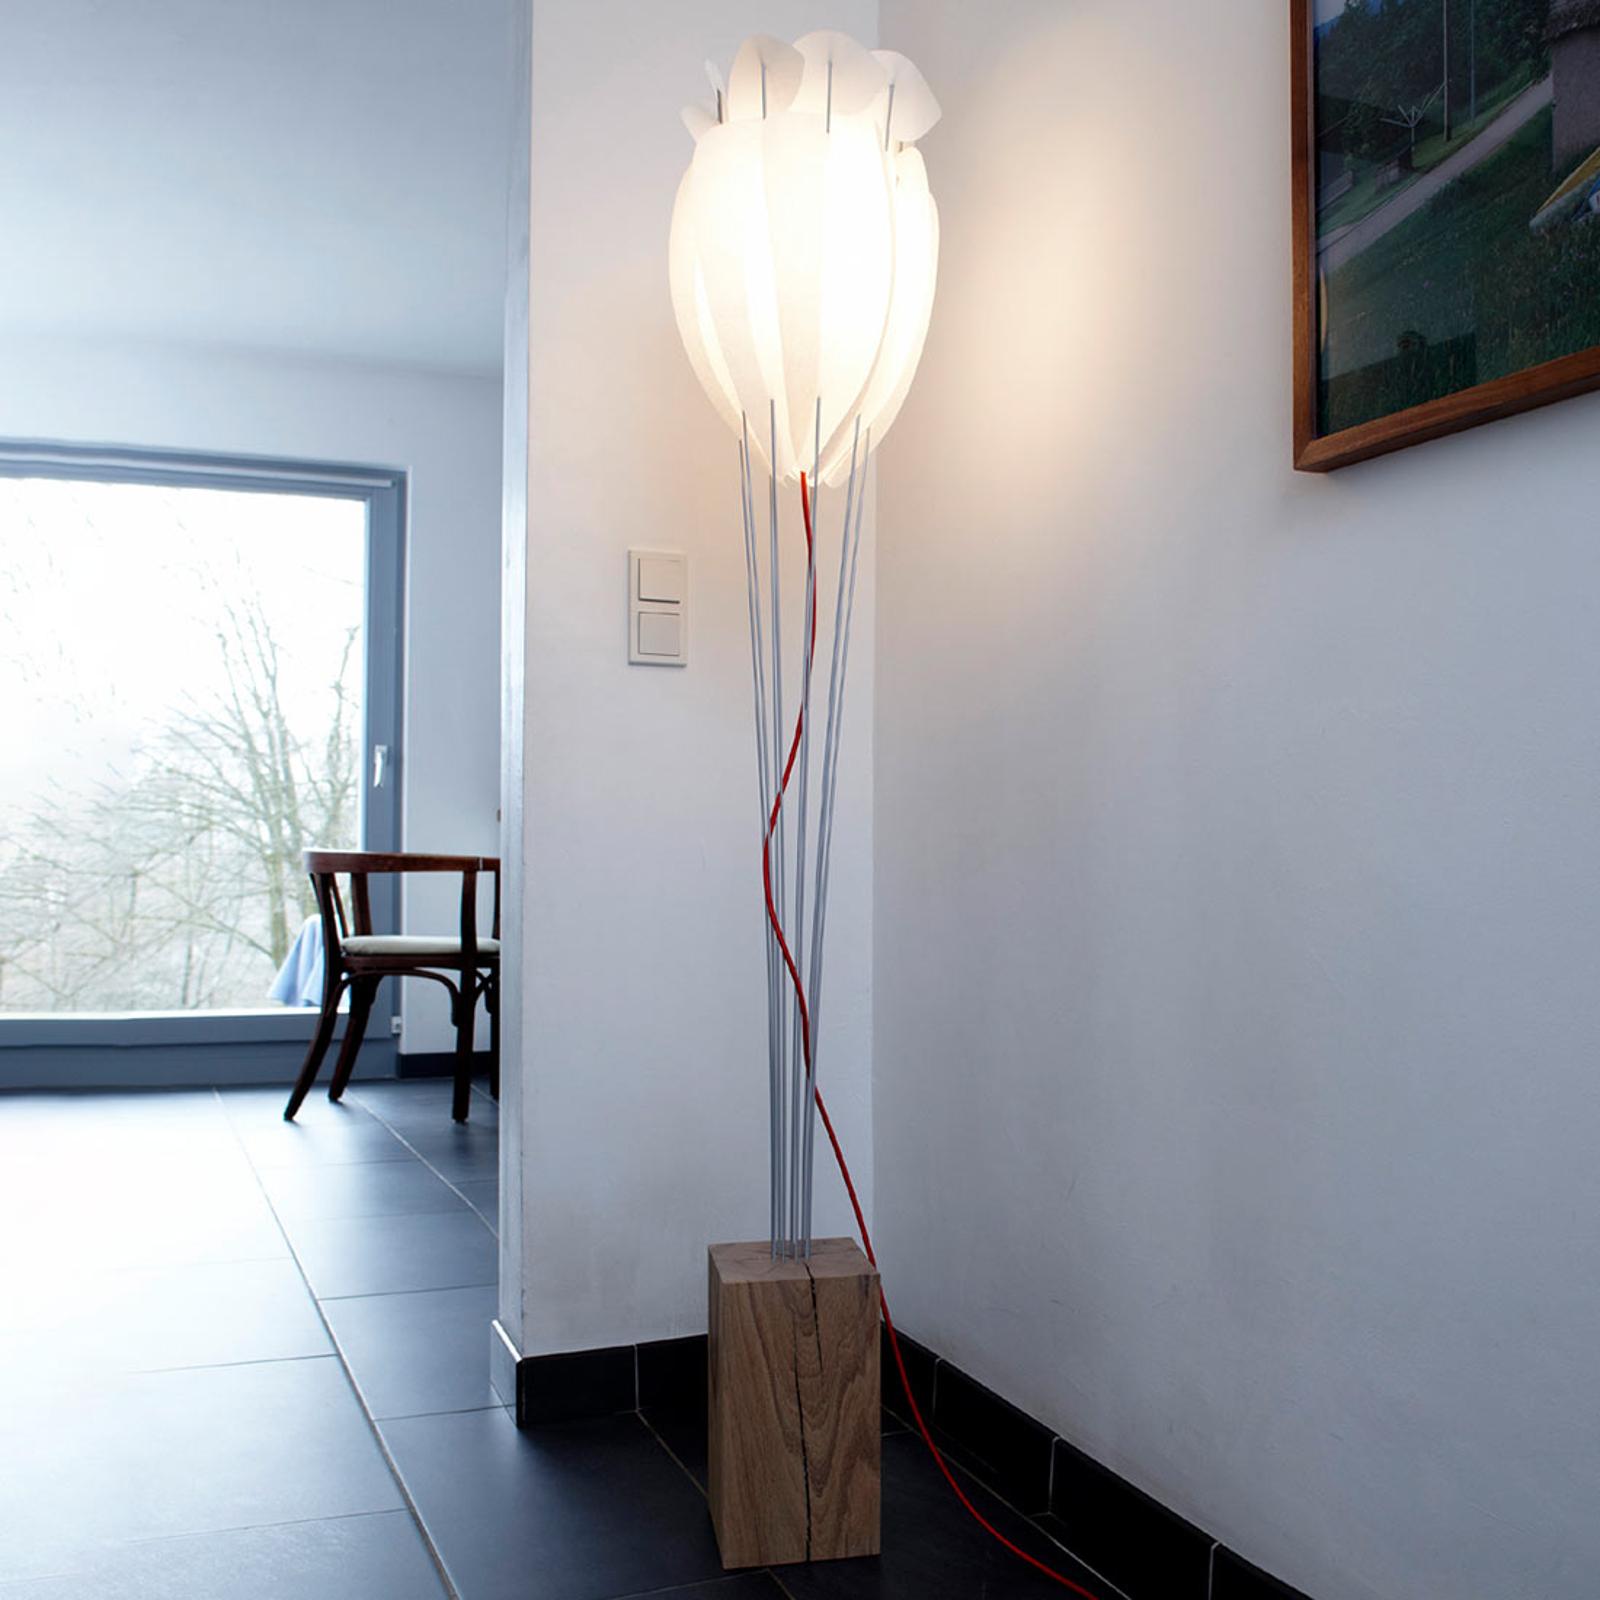 Tulip standerlampe, rødt kabel, hvid eg